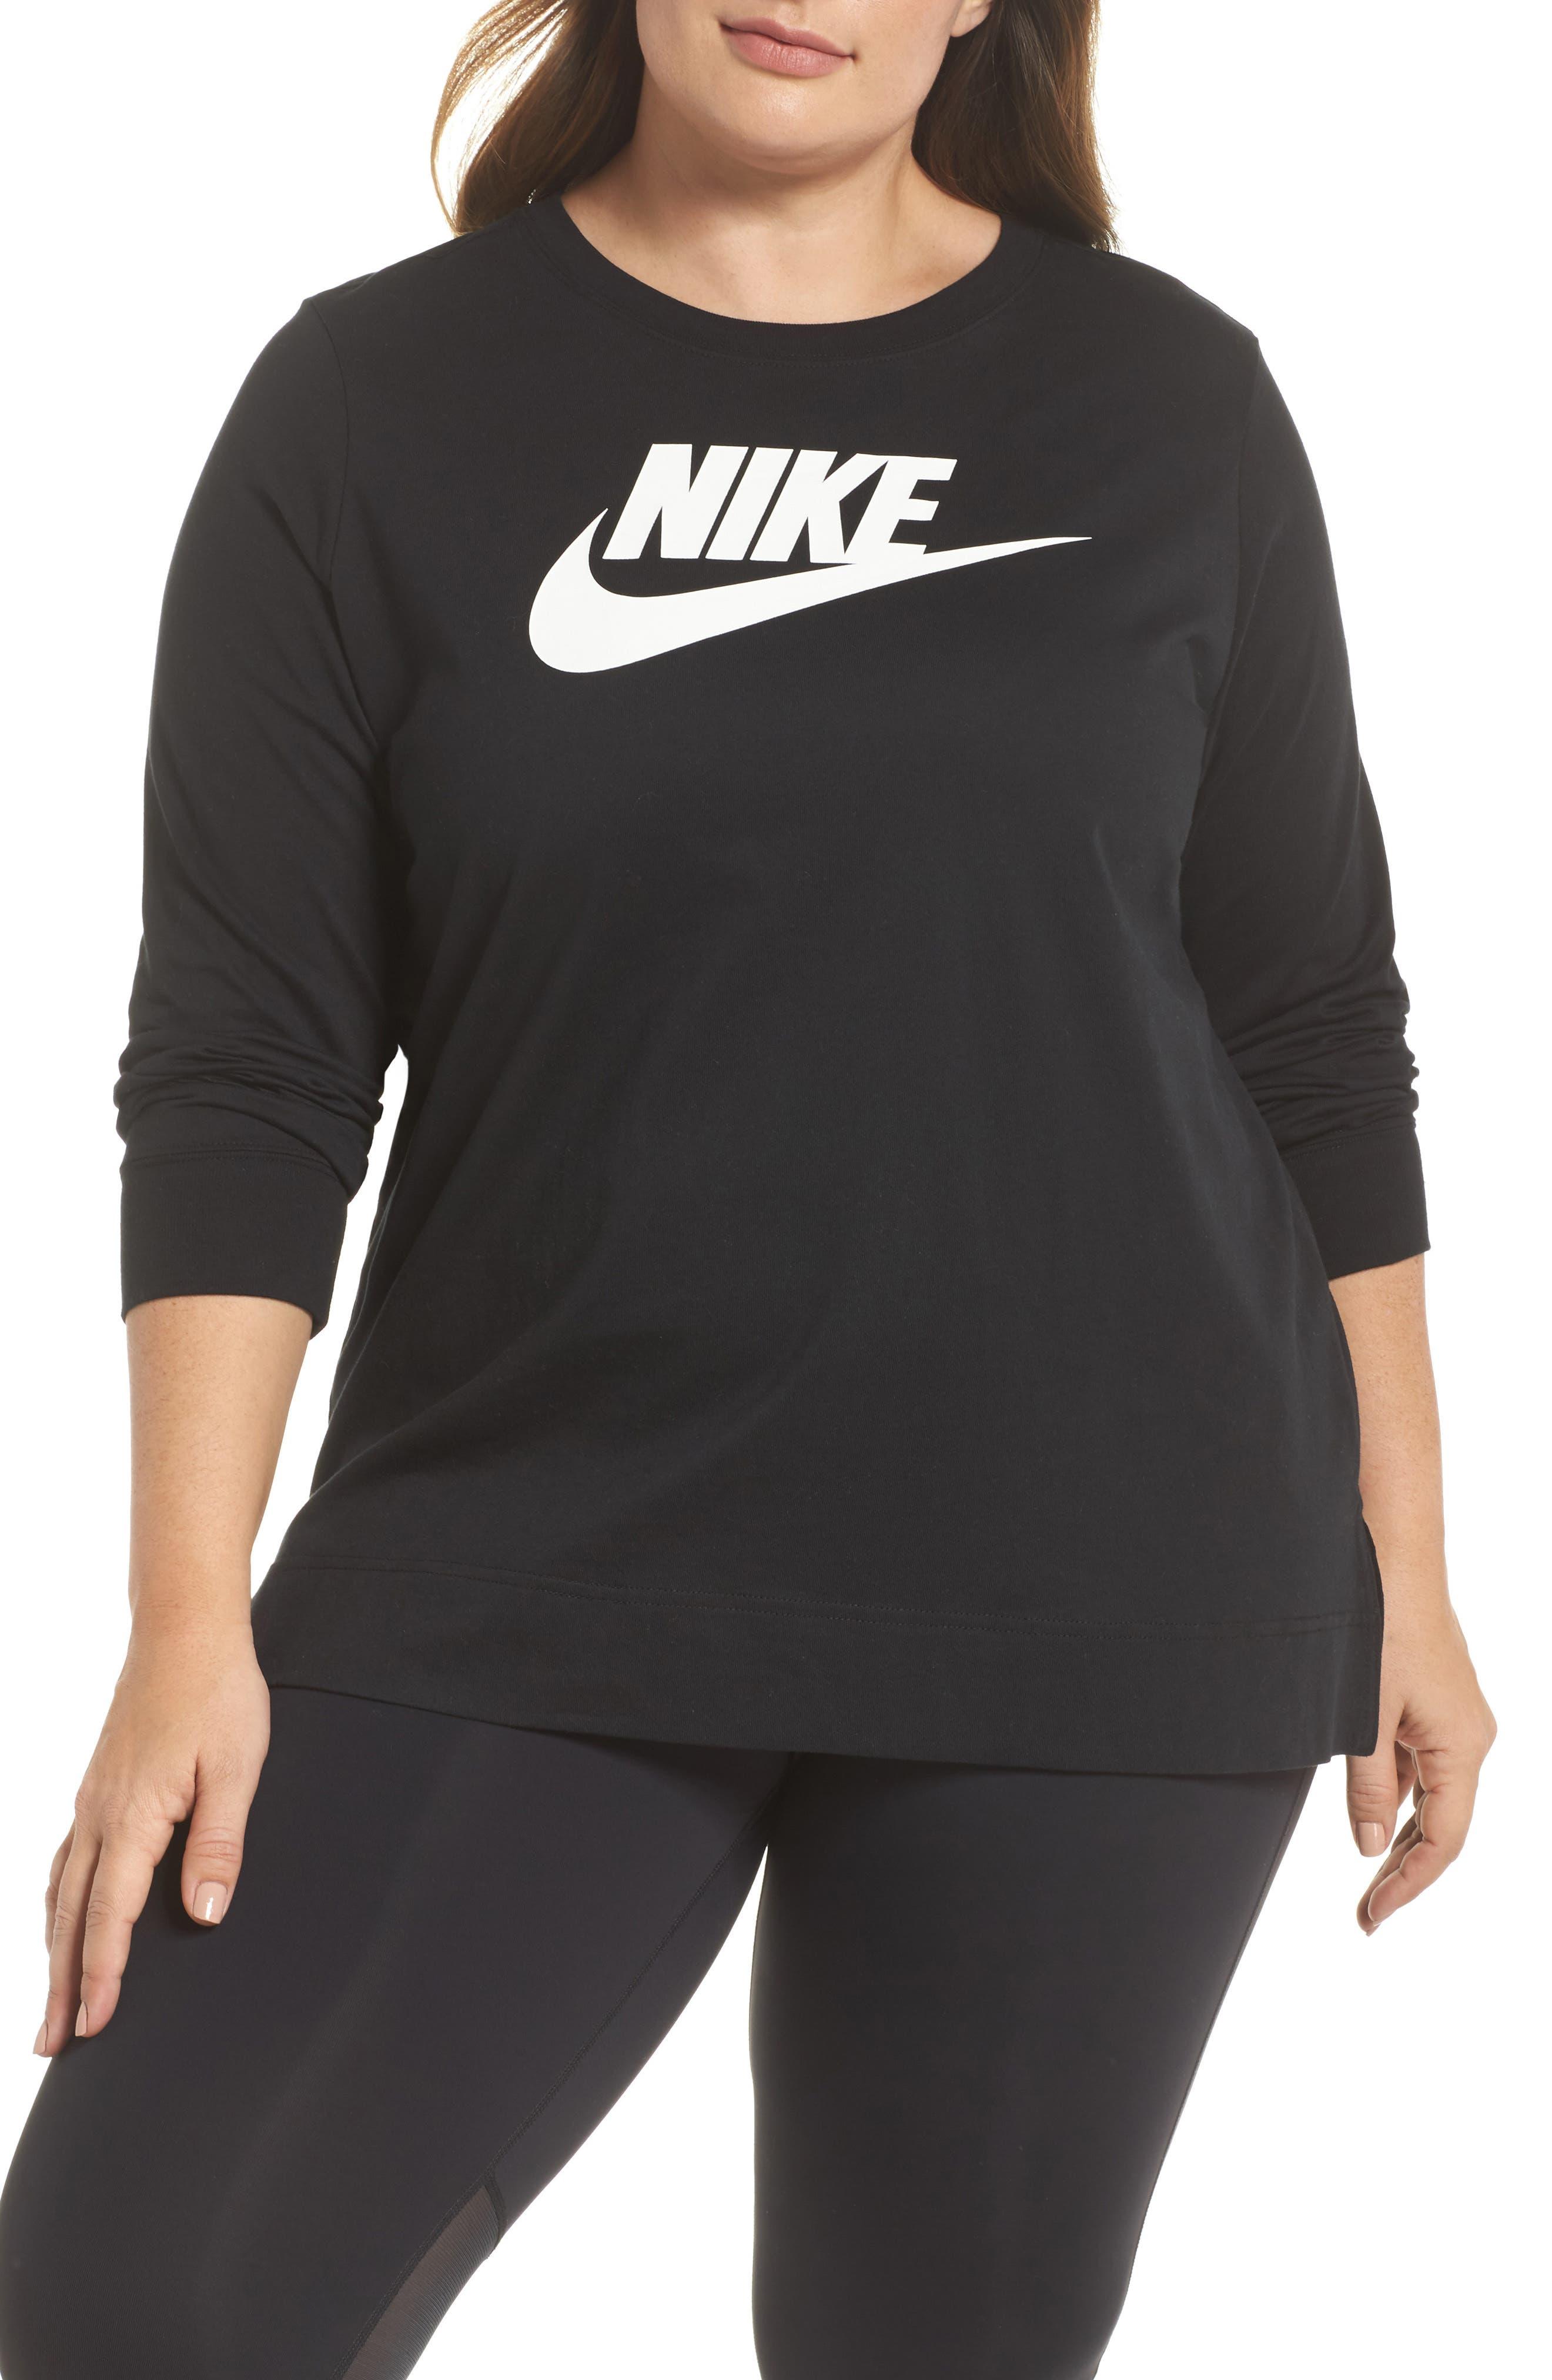 Nike Sportswear Long Sleeve Tee (Plus Size)